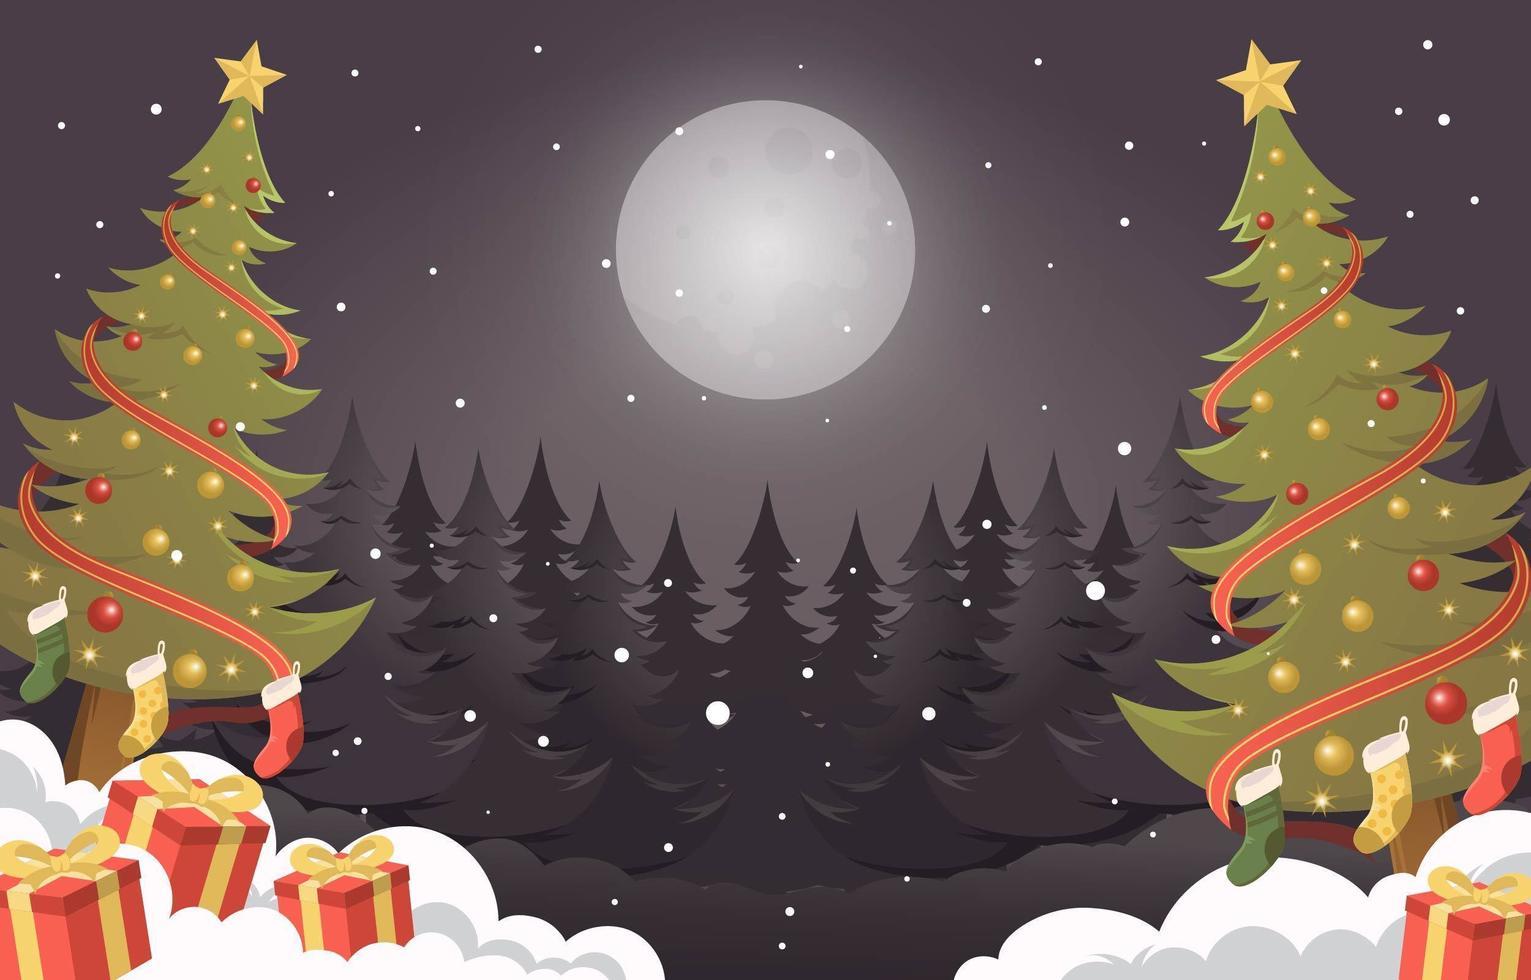 una bianca notte di natale con doni e alberi sempreverdi vettore